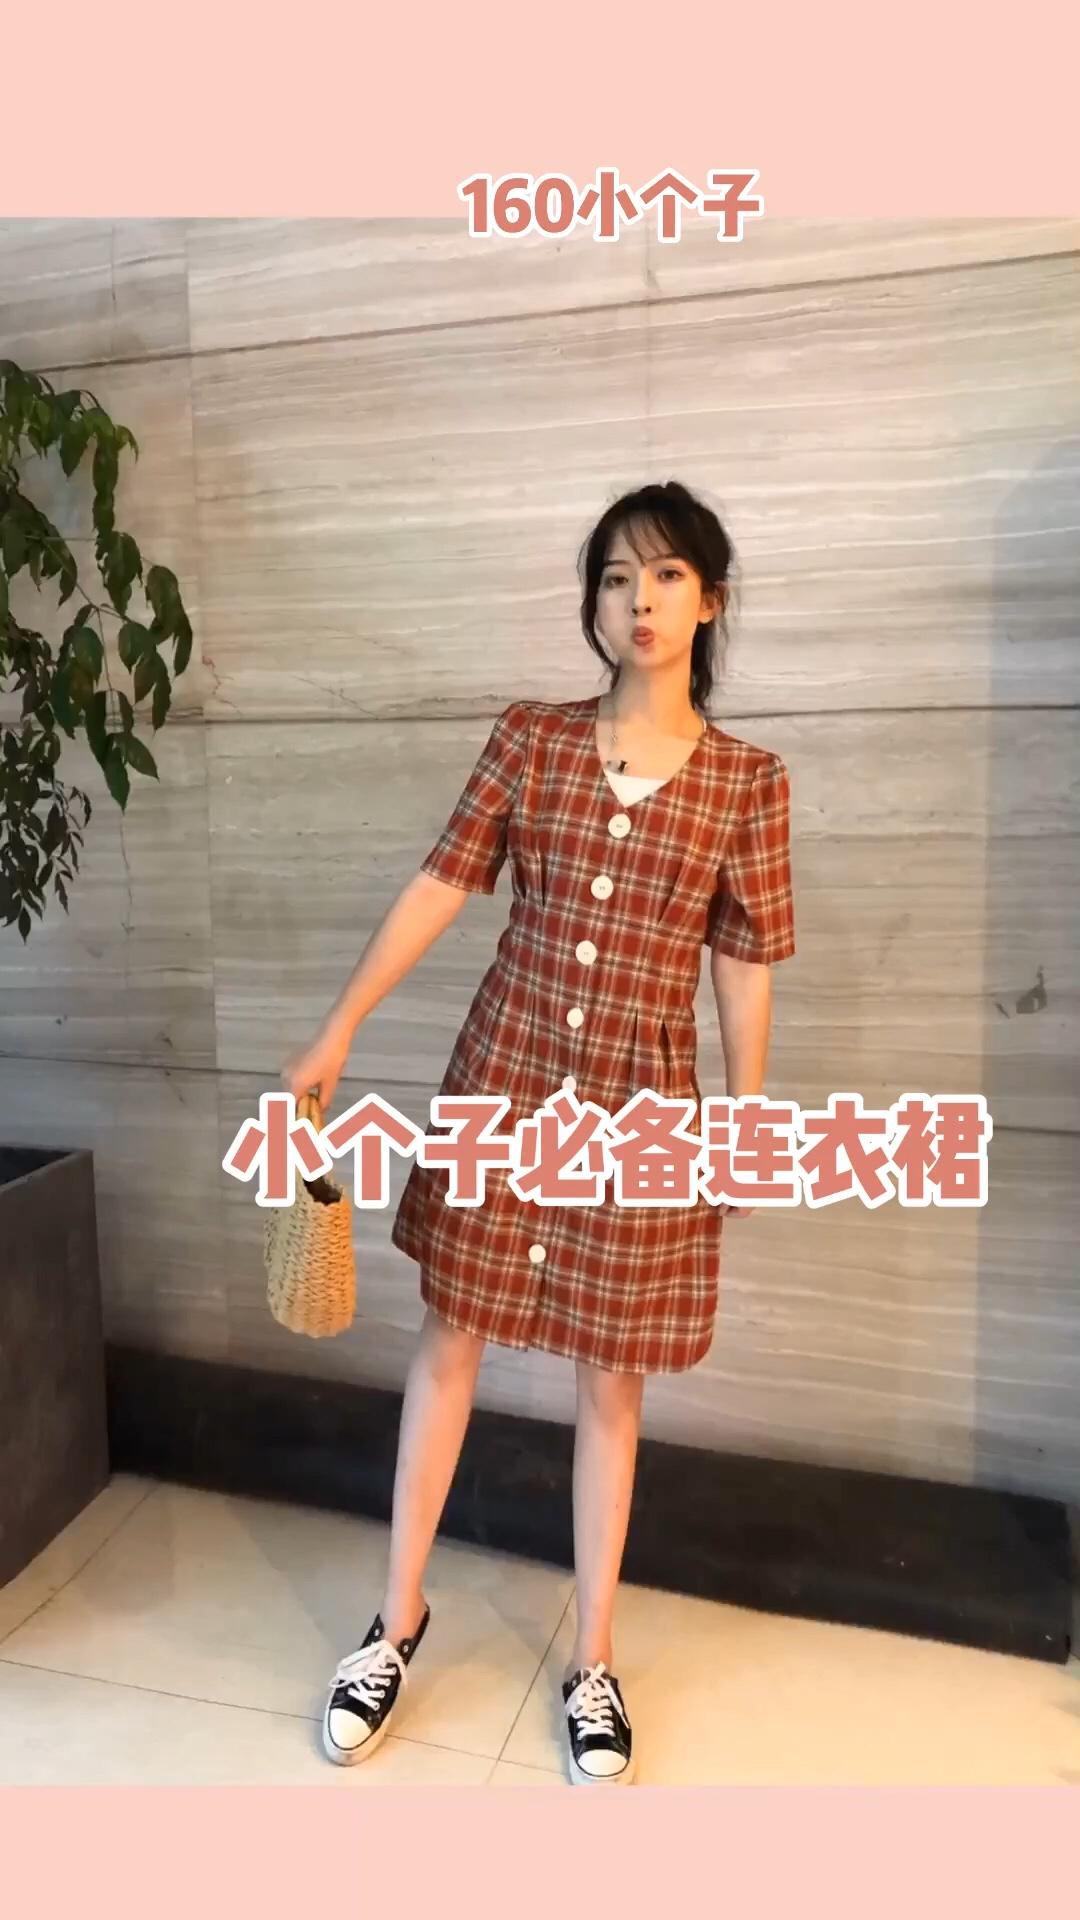 🌟奶盖穿搭🌟 身高160体重43  这条连衣裙也选用了设计感满满的砖红色格纹,衣前的撞色纽扣,增添了一丝洋气,搭配了编织的包包,上身超级好看啦#梨形mm这么穿=又高又瘦#